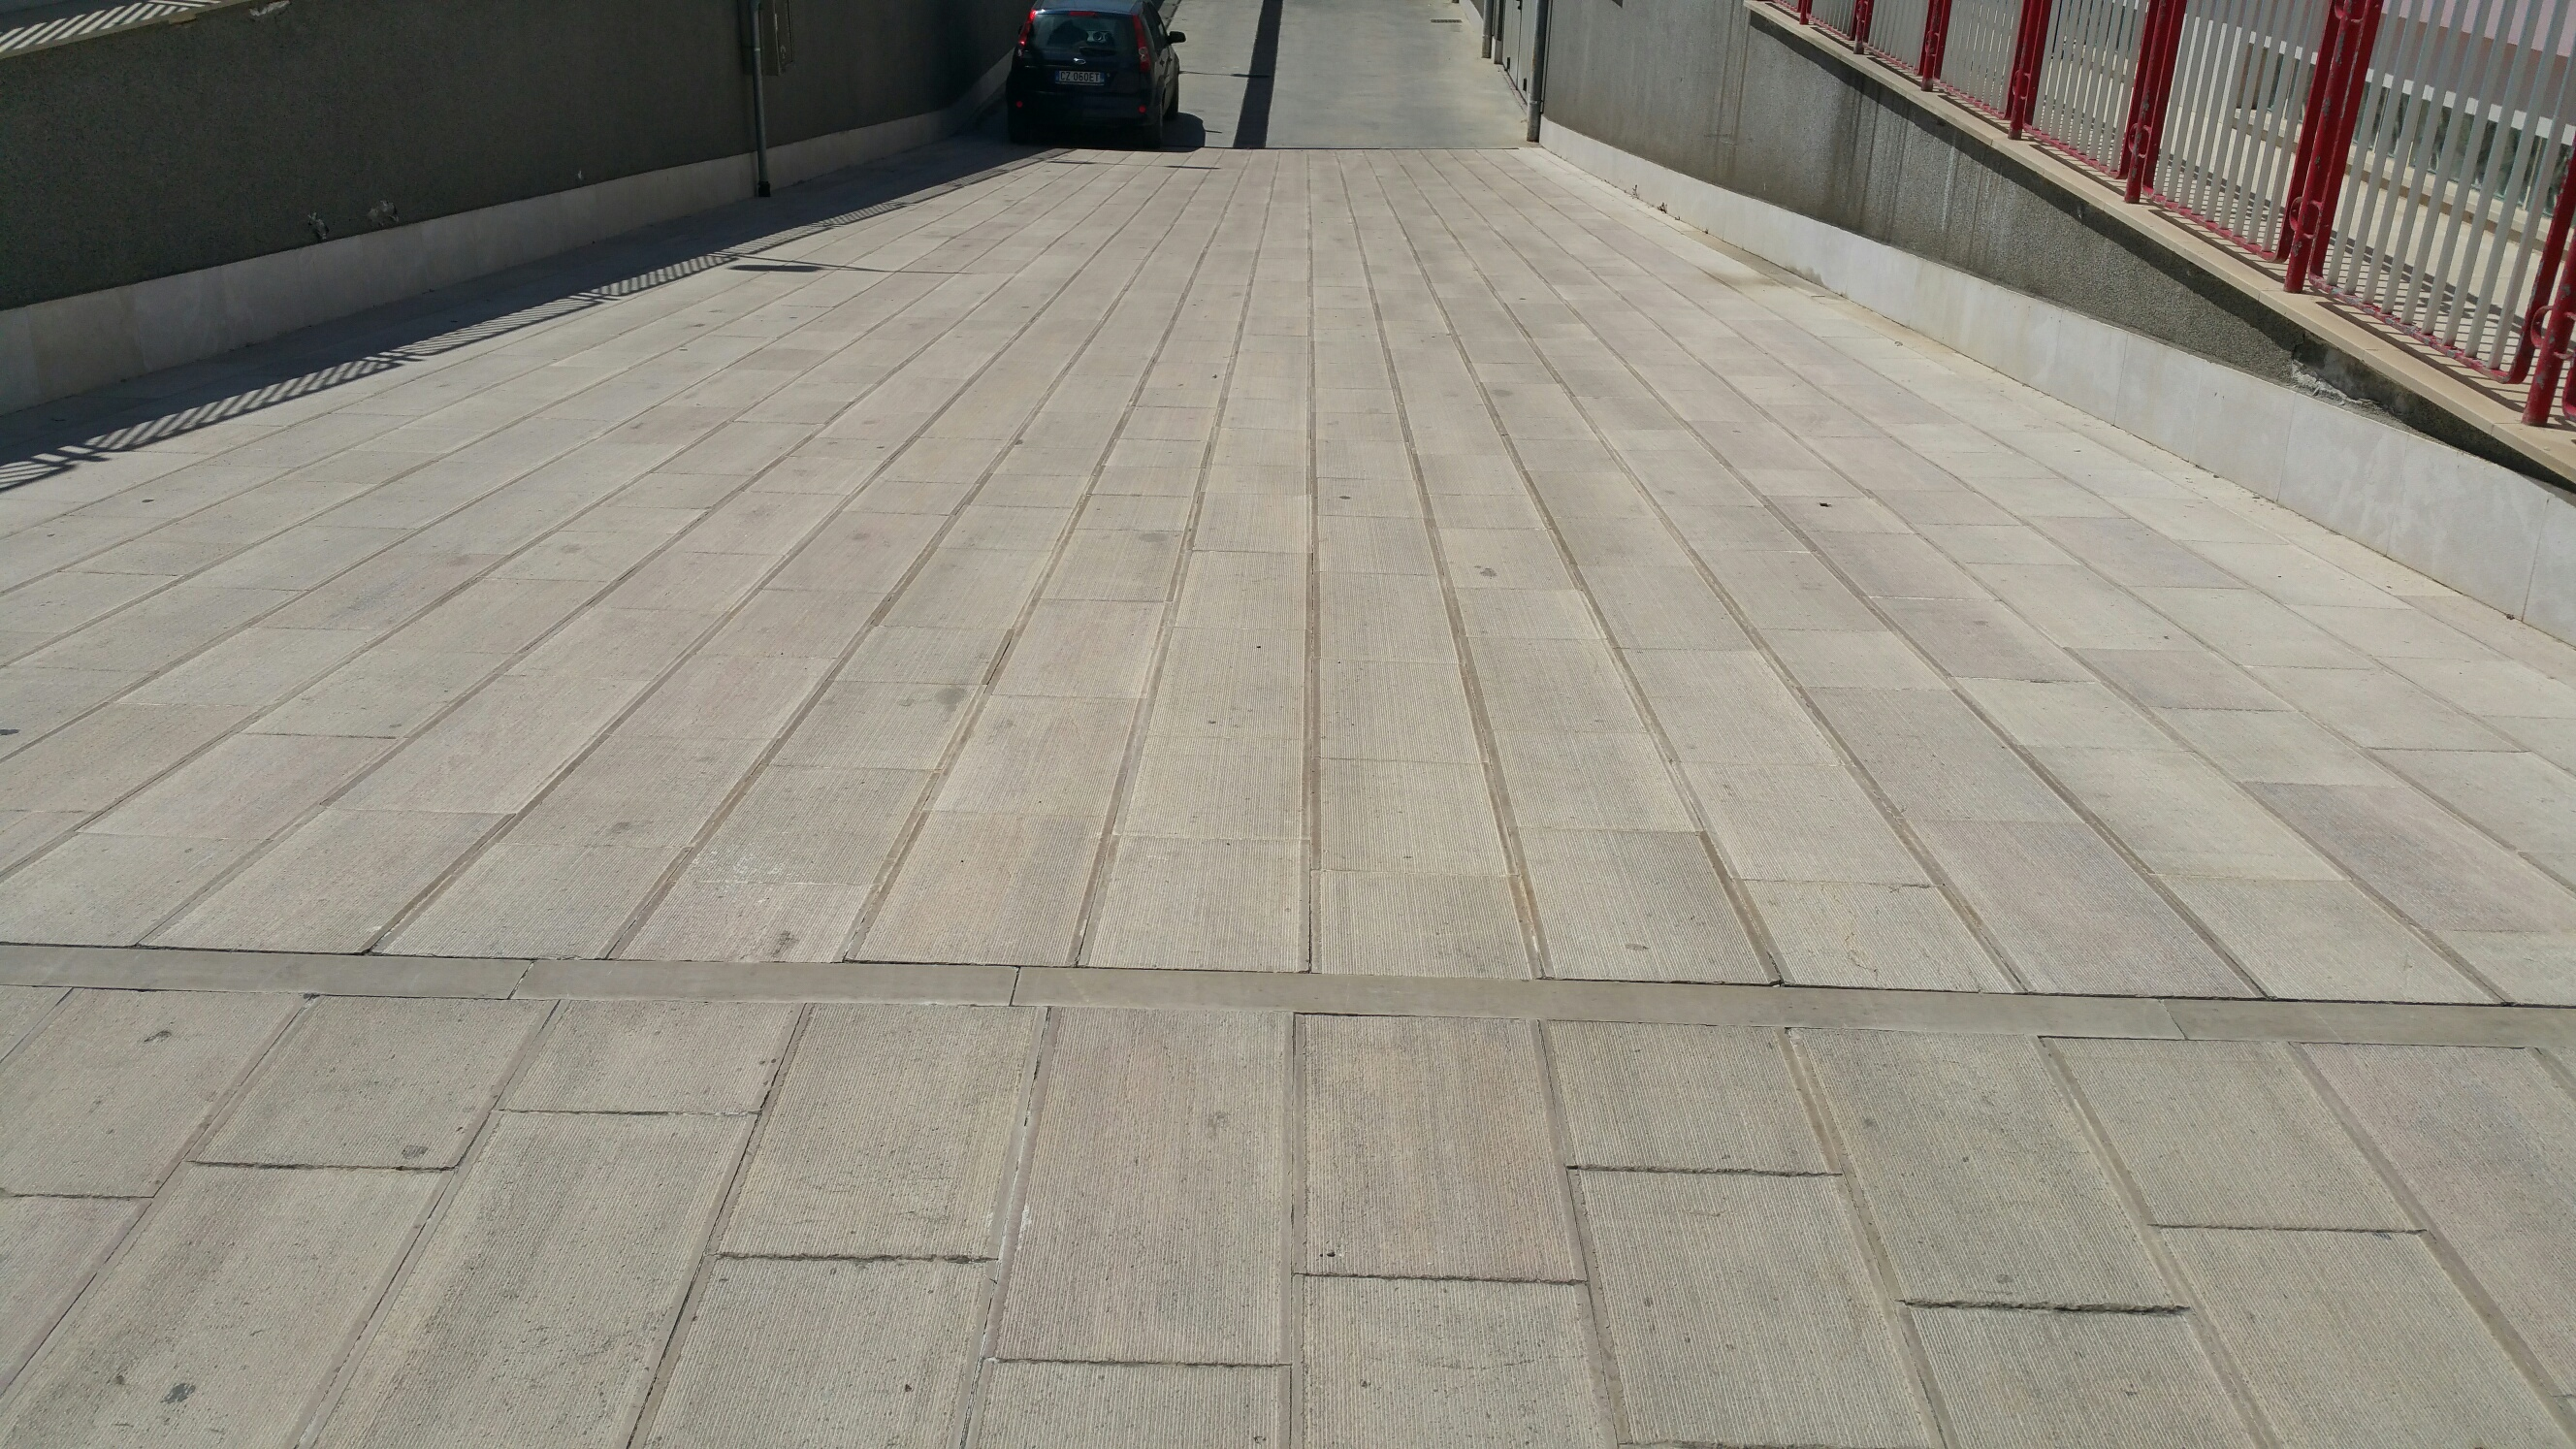 Pavimento In Pietra Di Trani : Italiano offerta pavimento in pietra di trani rigata antiscivolo